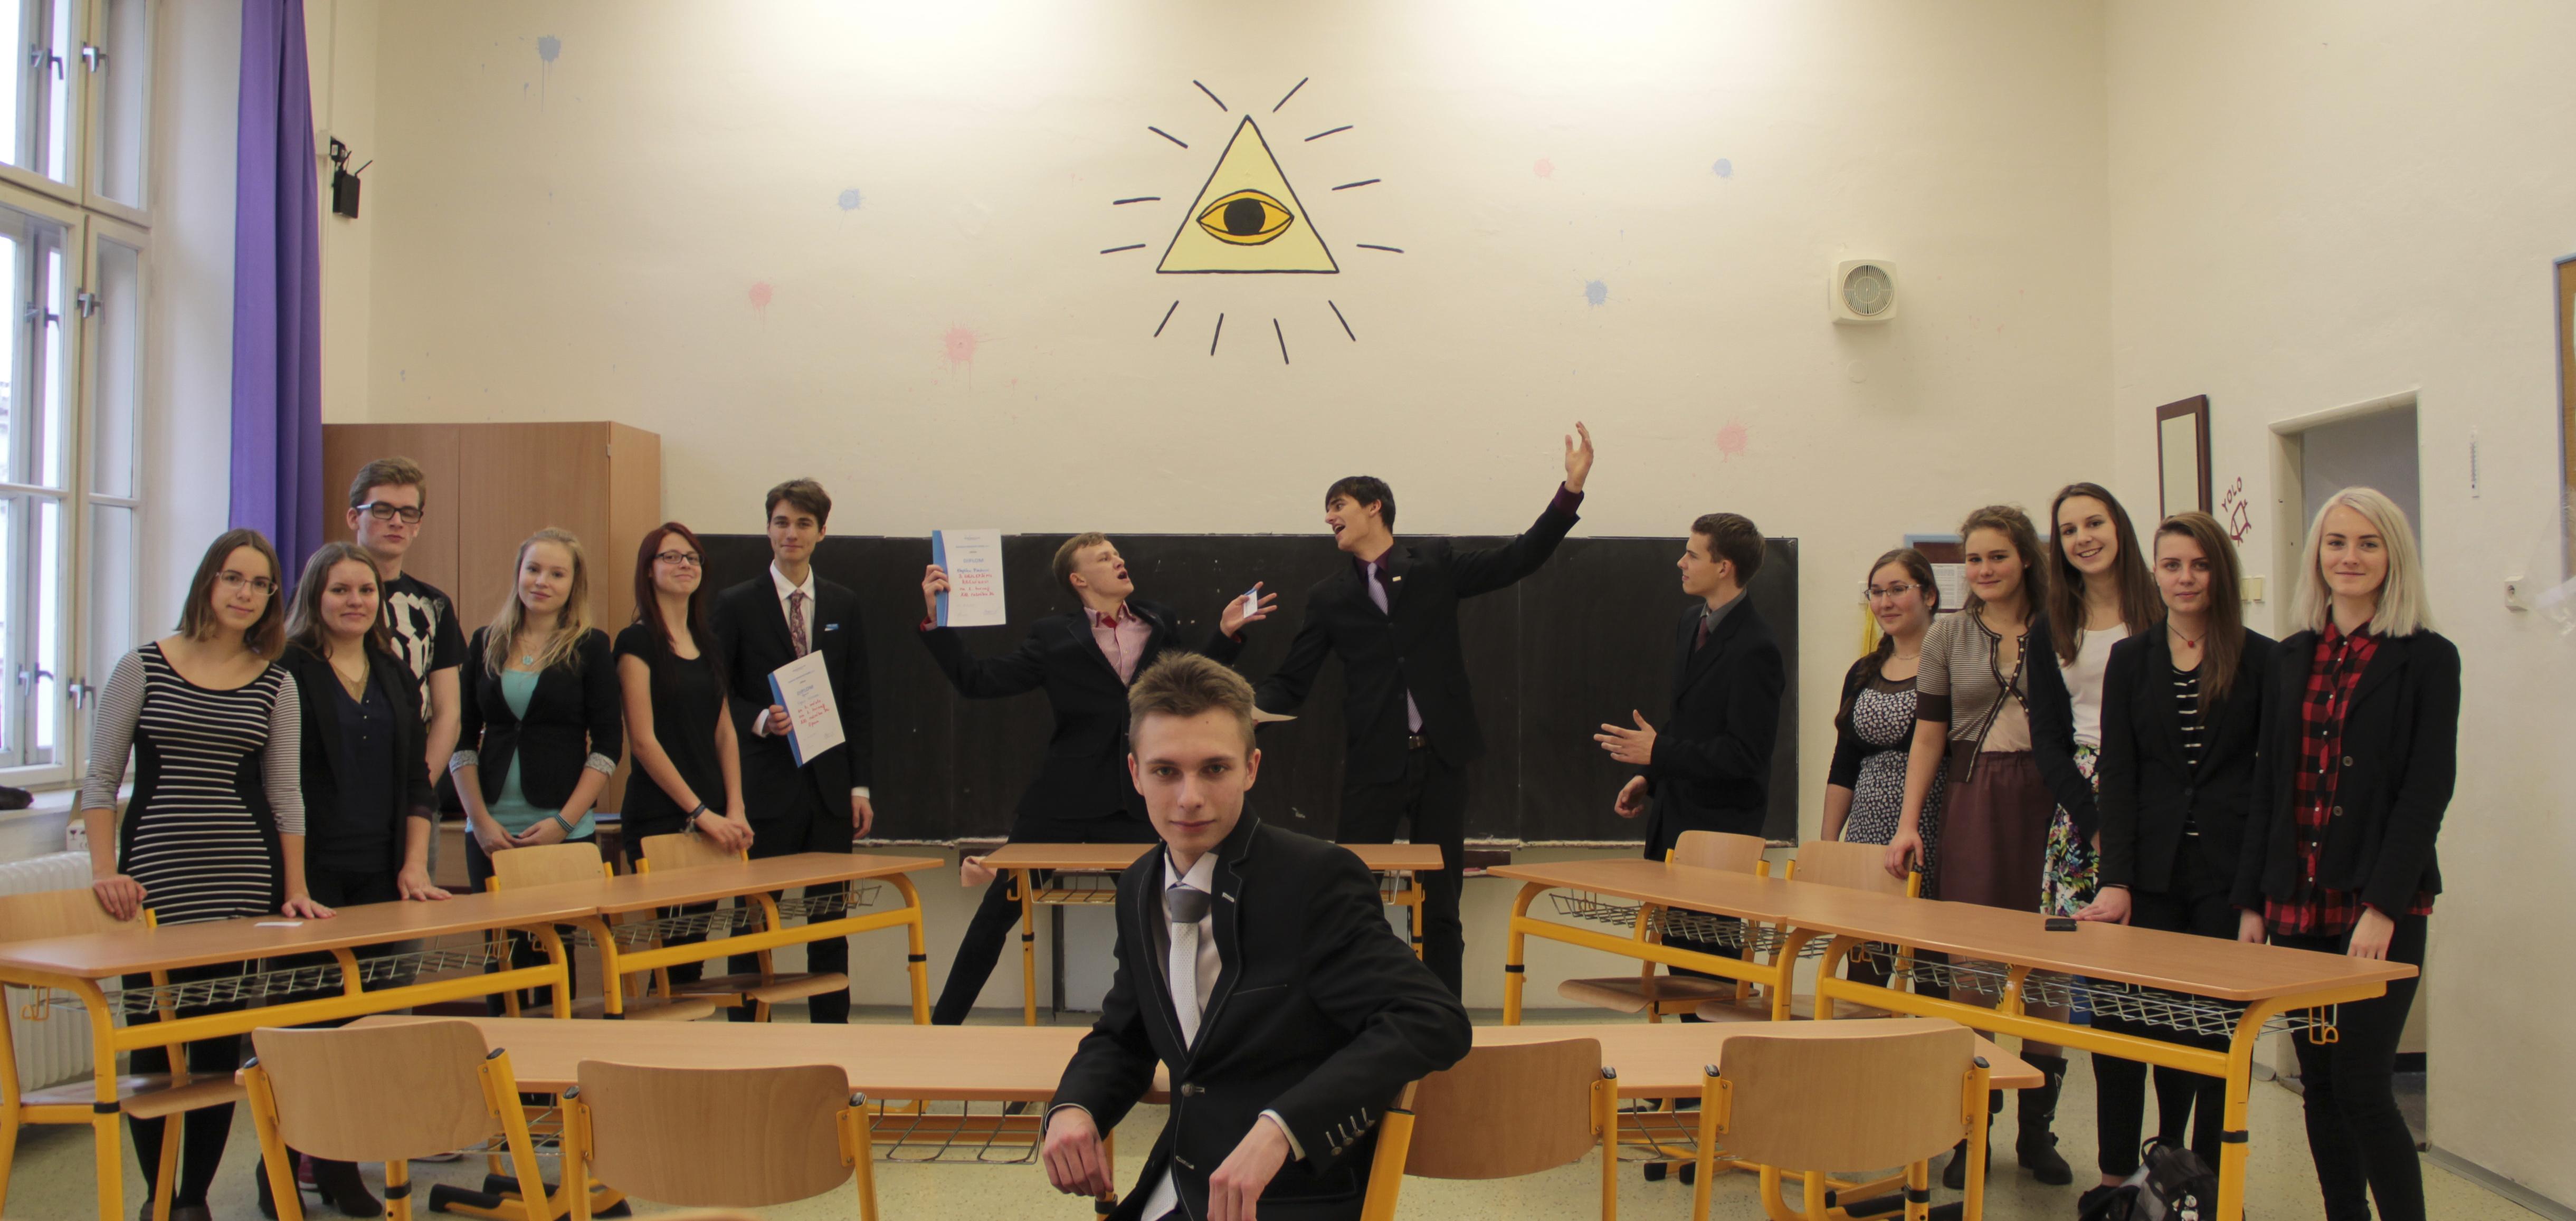 Středoškolák Dominik Tichý: Předávání své znalosti ostatním je nádherná věc